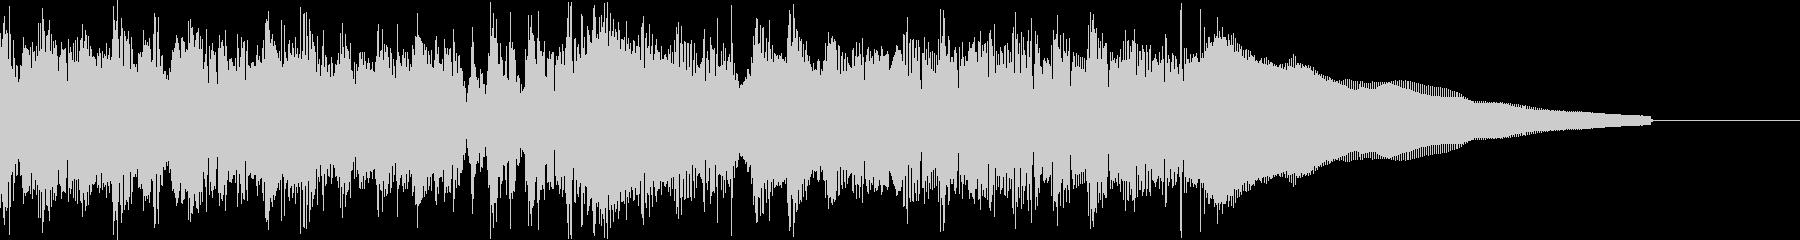 カントリー風ギターイントロ−07Aの未再生の波形